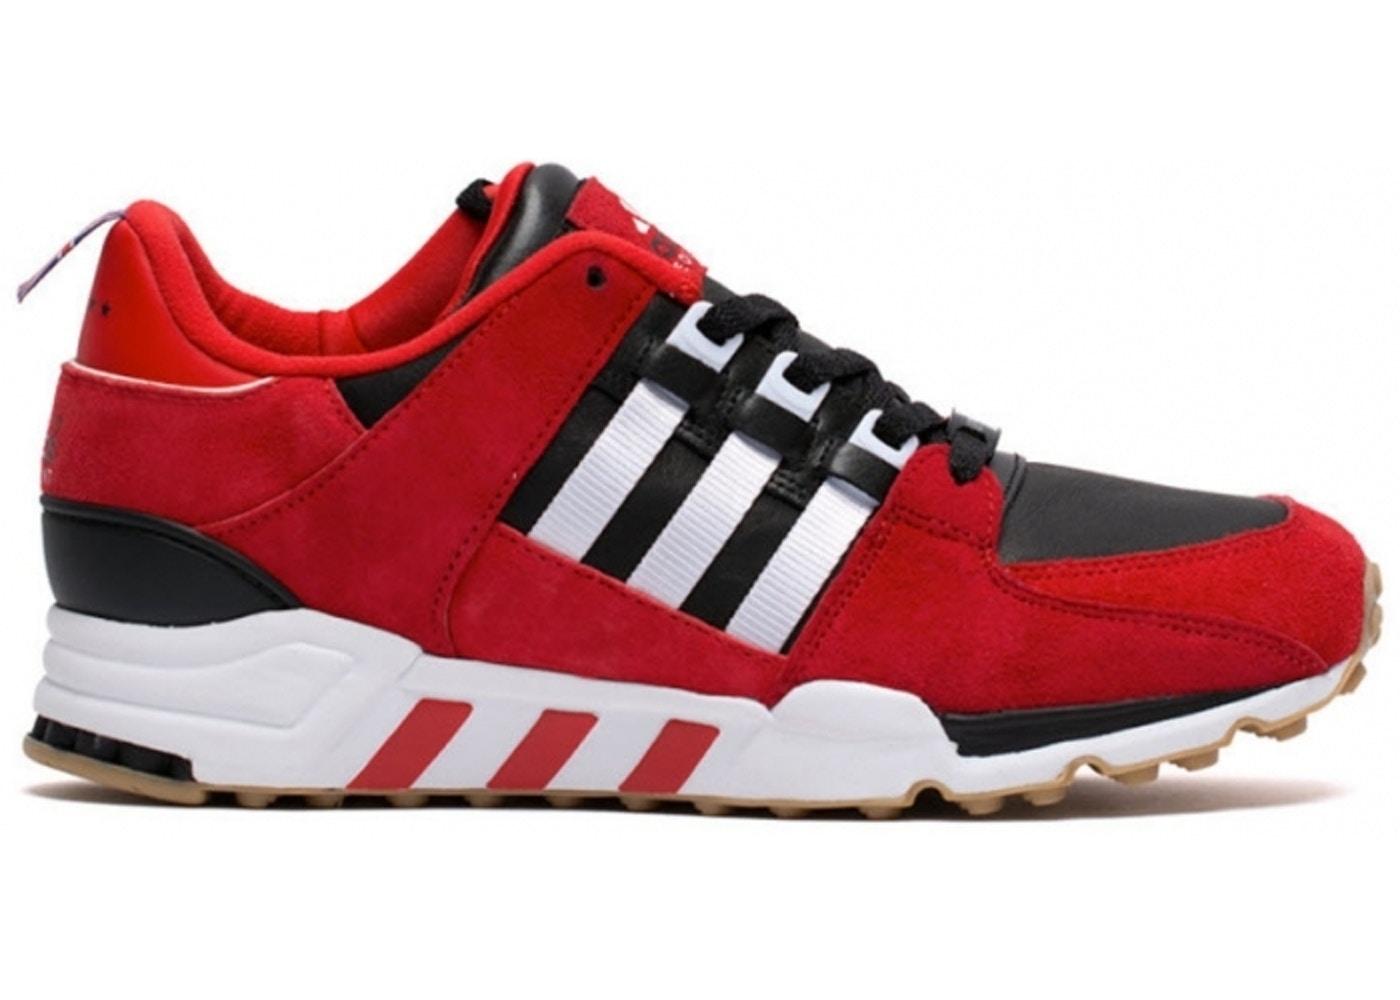 メンズ靴, スニーカー  ADIDAS EQT SUPPORT 93 LONDON RED BLACK GUM